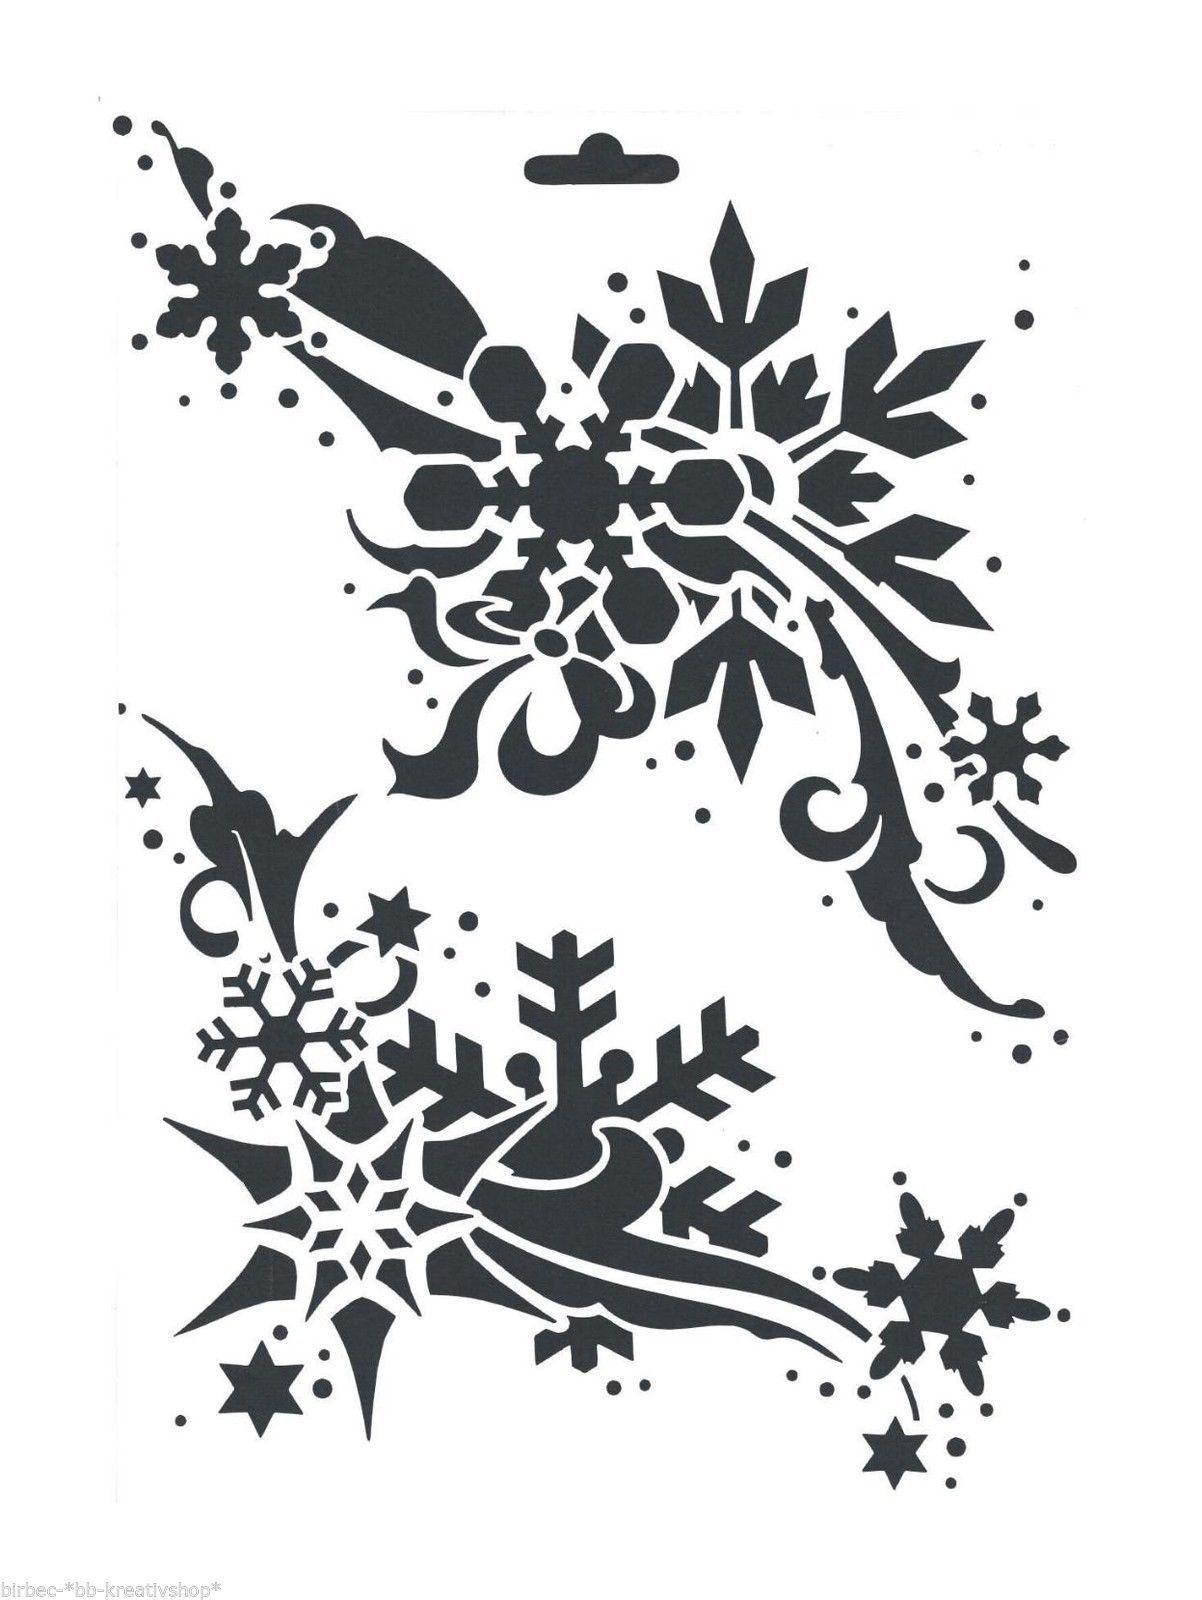 Schablone Heike Schafer Create Yr Fashion Textil Stencil Weihnachten Kristalle Schablonen Weihnachten Kristalle